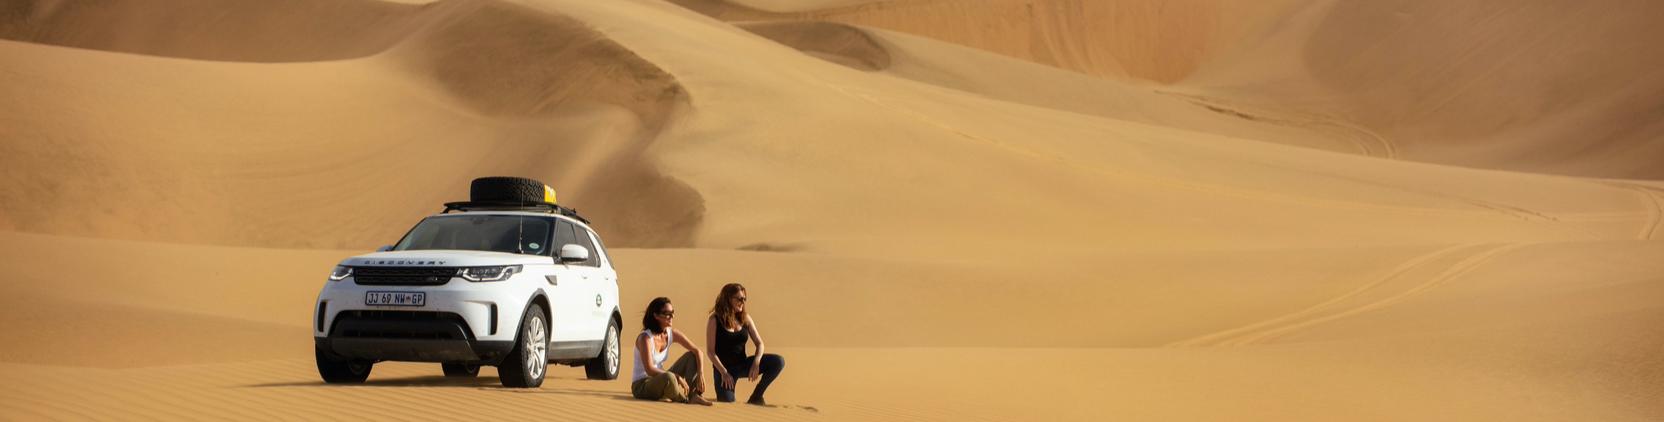 Sonnenkind - Unforgettable Experience - NAMIB DESERT